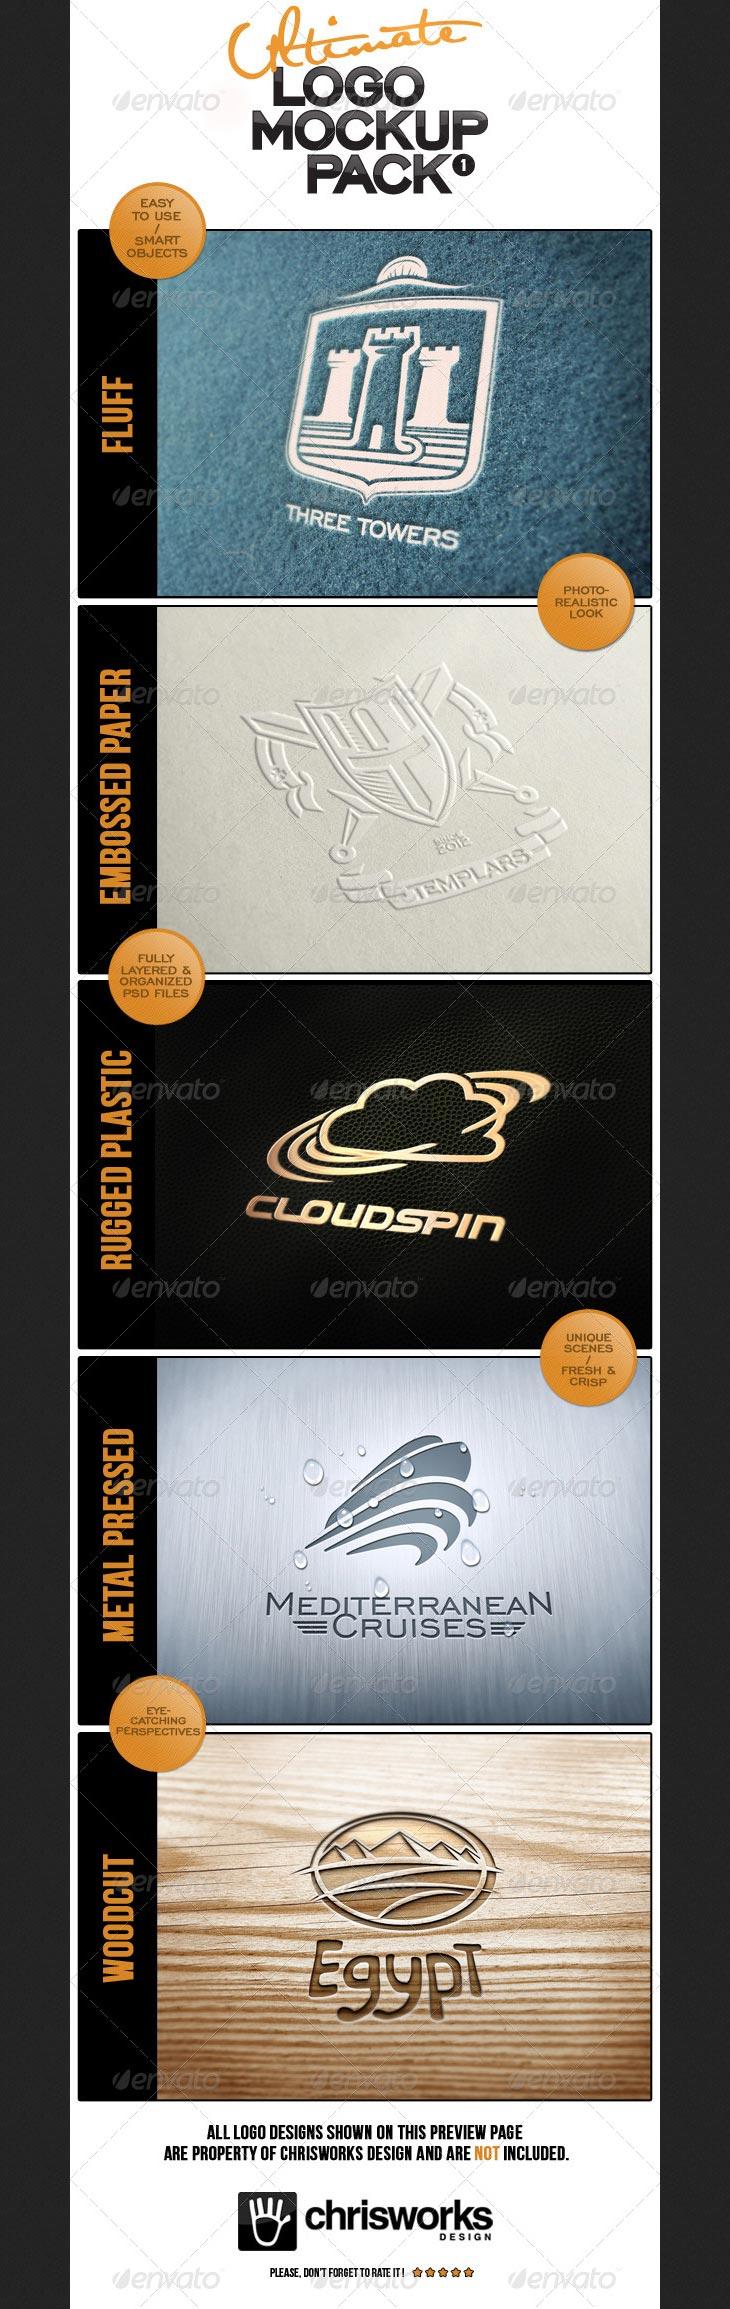 Ultimate Logo Mock-Up Pack